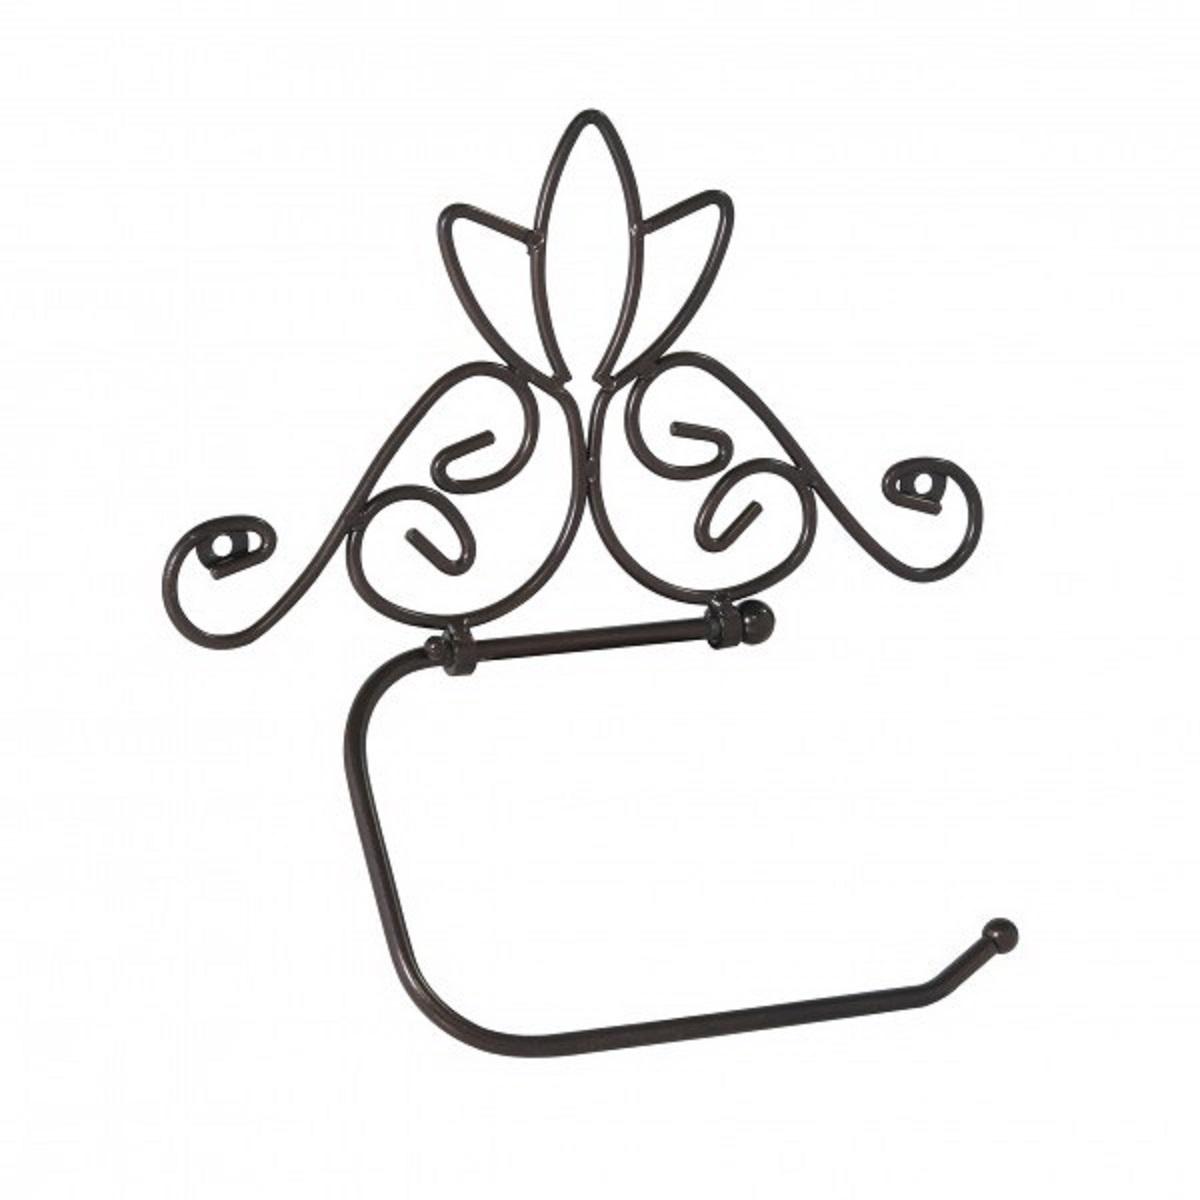 Держатель для туалетной бумаги Axentia Nostalgie, 2 х 23 х 25,5 см68/5/1Держатель для туалетной бумаги Axentia Nostalgie изготовлен из высококачественной стали, которая обработана безопасной и долговечной полимерной порошковой краской.Изделие крепится на стену с помощью шурупов (не входят в комплект). Держатель поможет оформить интерьер в выбранном стиле, разбавляя пространство туалетной комнаты различными элементами. Он хорошо впишется в любой интерьер, придавая ему черты современности. Отлично сочетается с другими аксессуарами из коллекции Nostalgie.Размер держателя: 2 х 23 х 25,5 см.